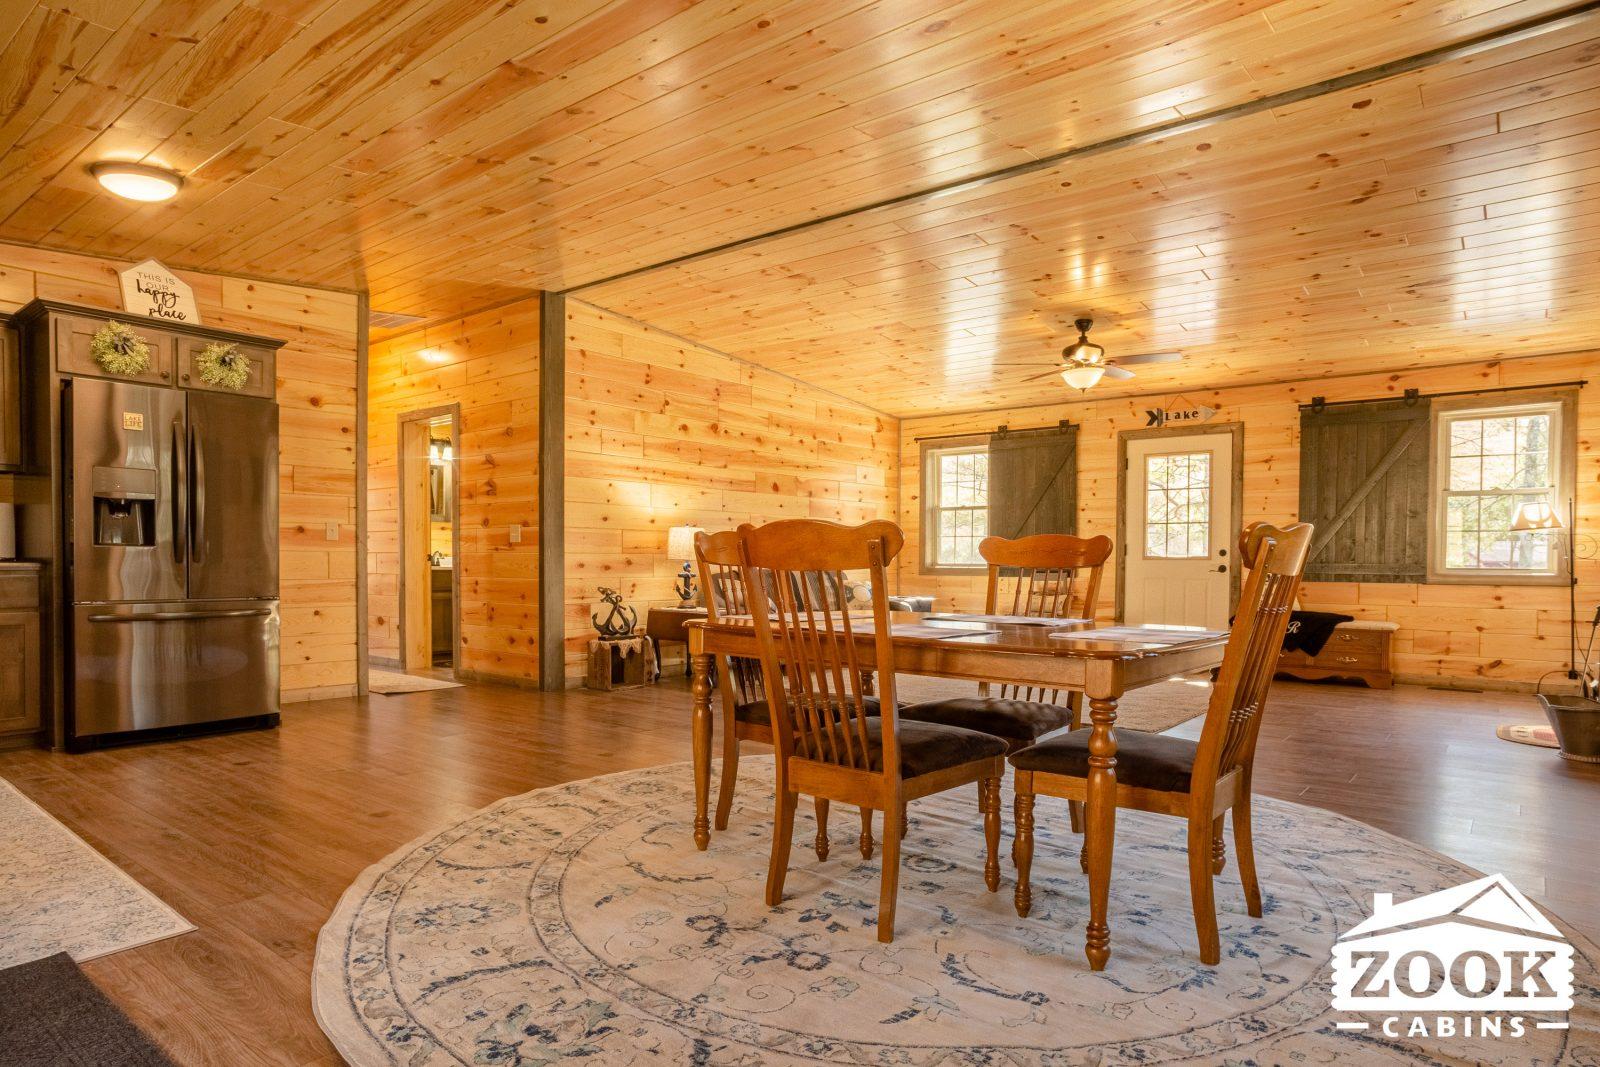 Cabin Interior in New Mexico